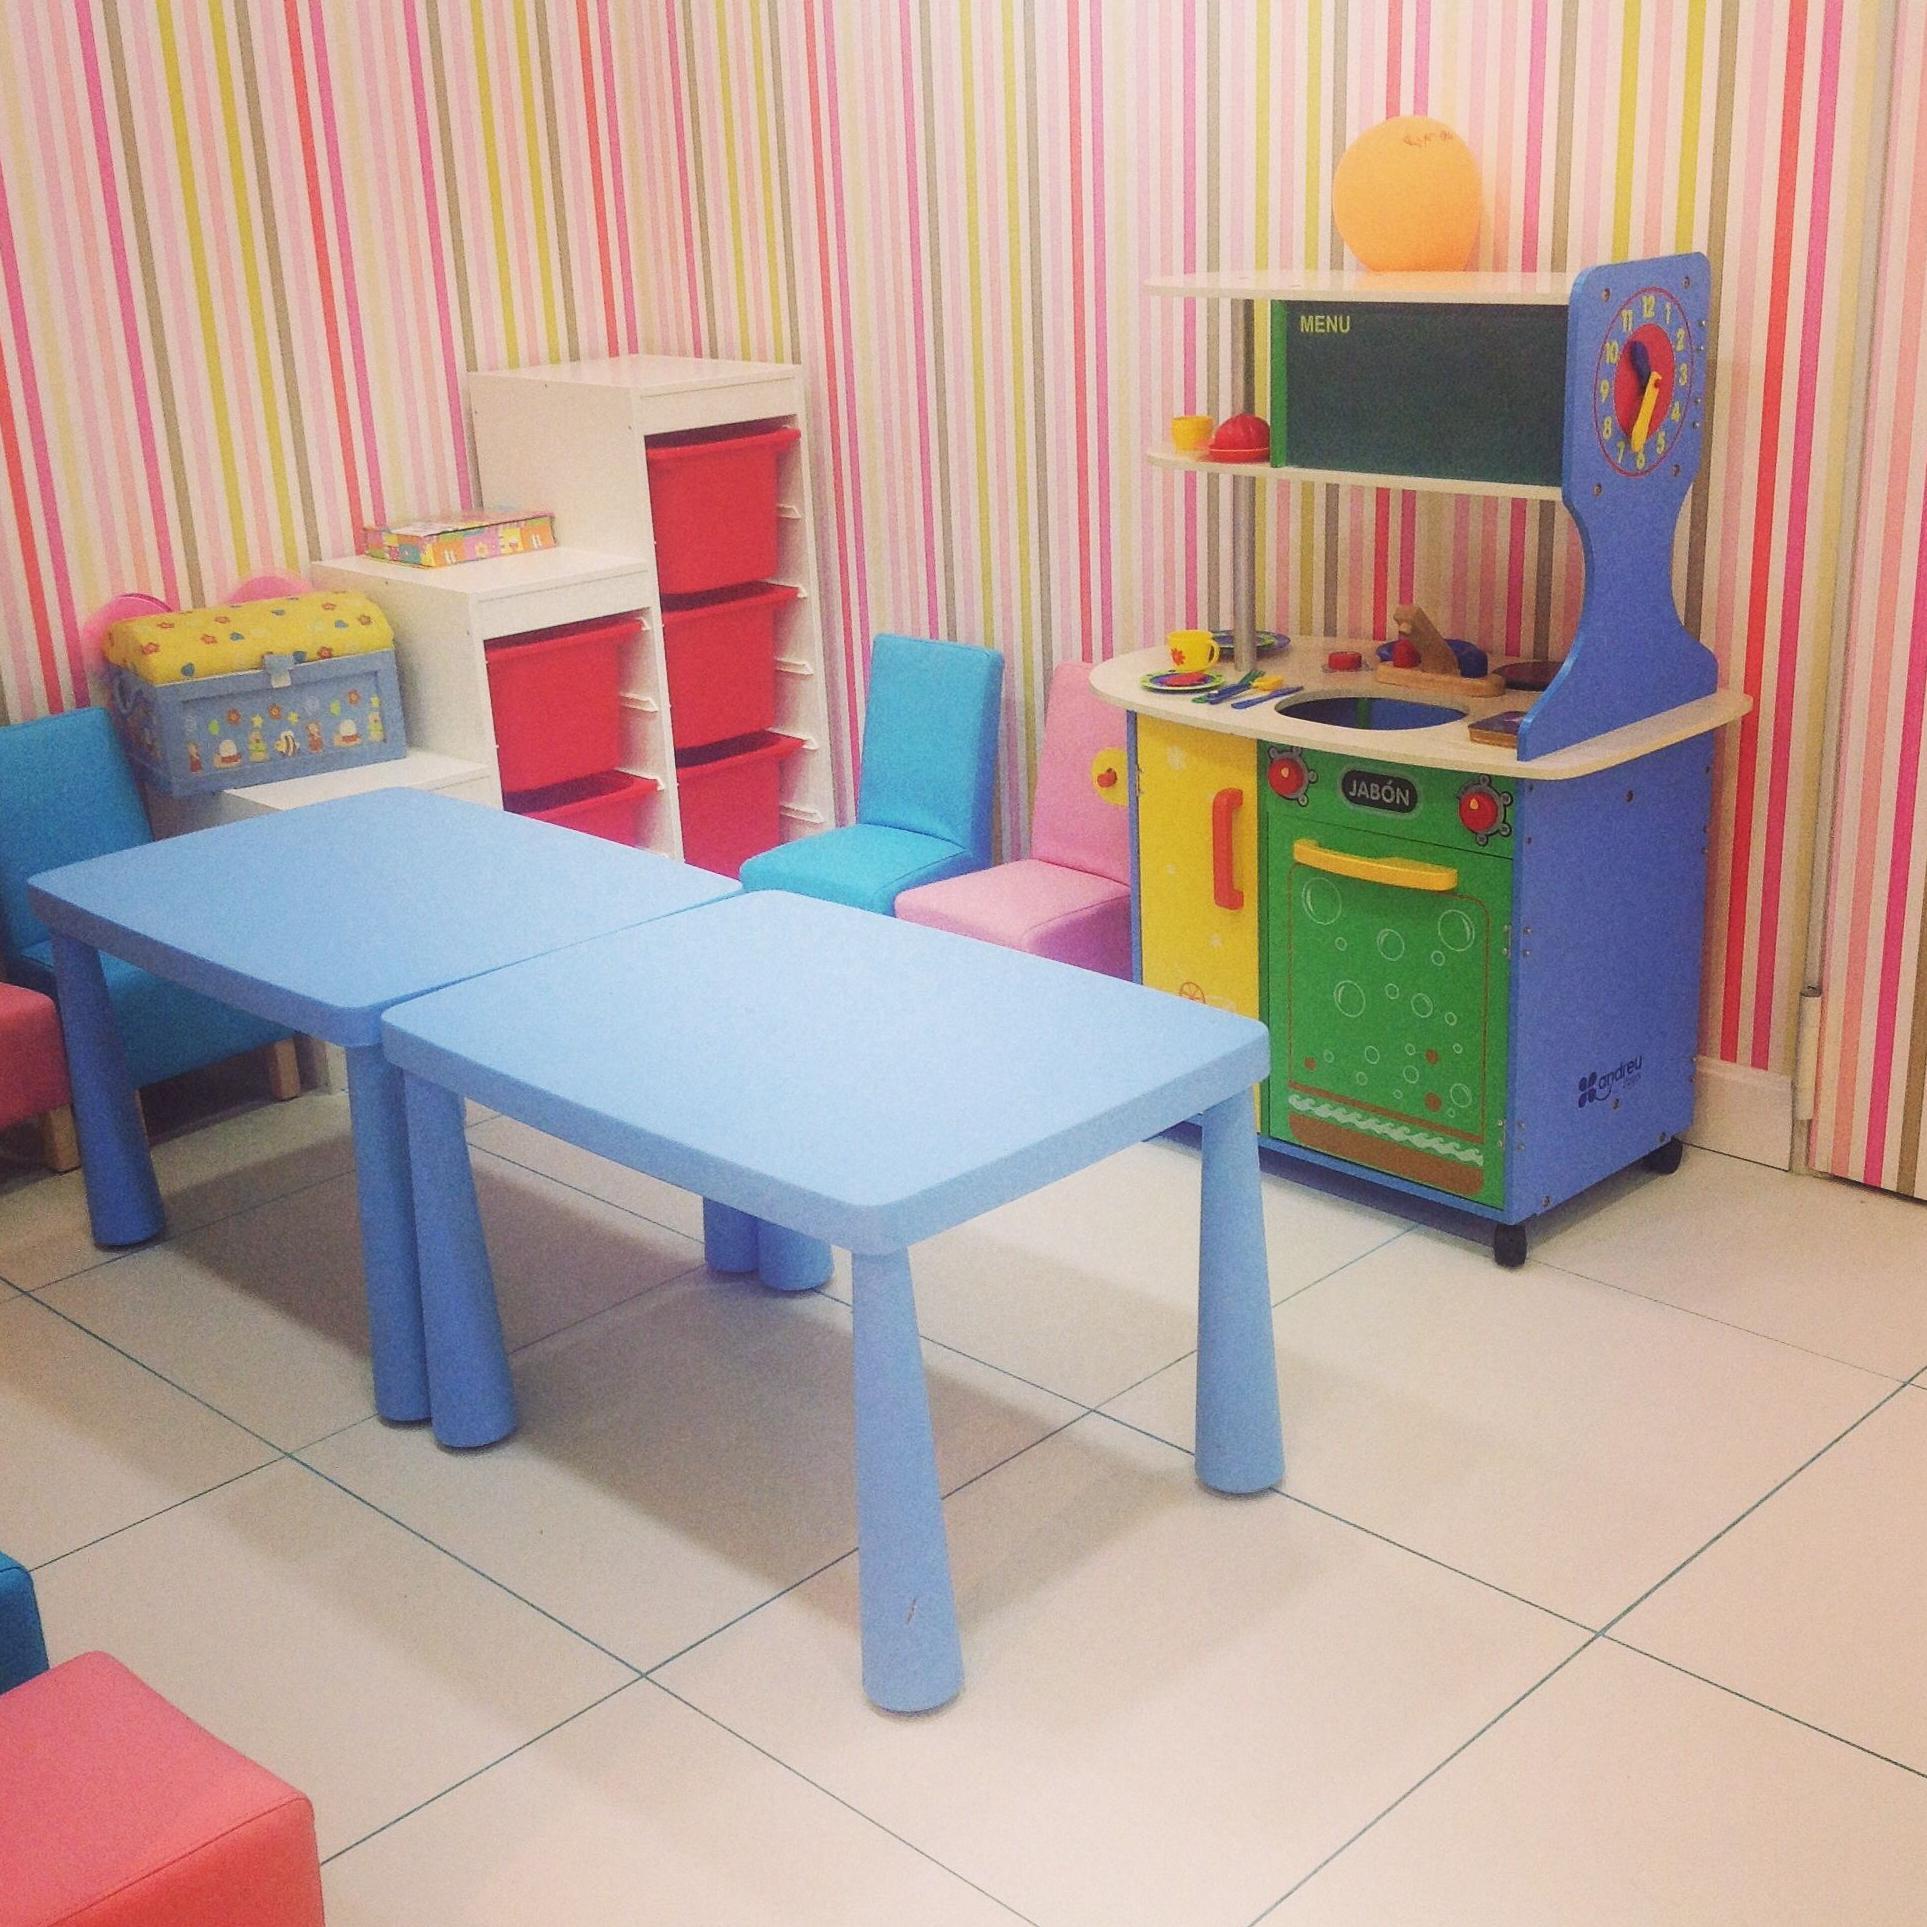 Foto 21 de Parques infantiles en MADRID | AL TROTE ZONA INFANTIL, S.L.